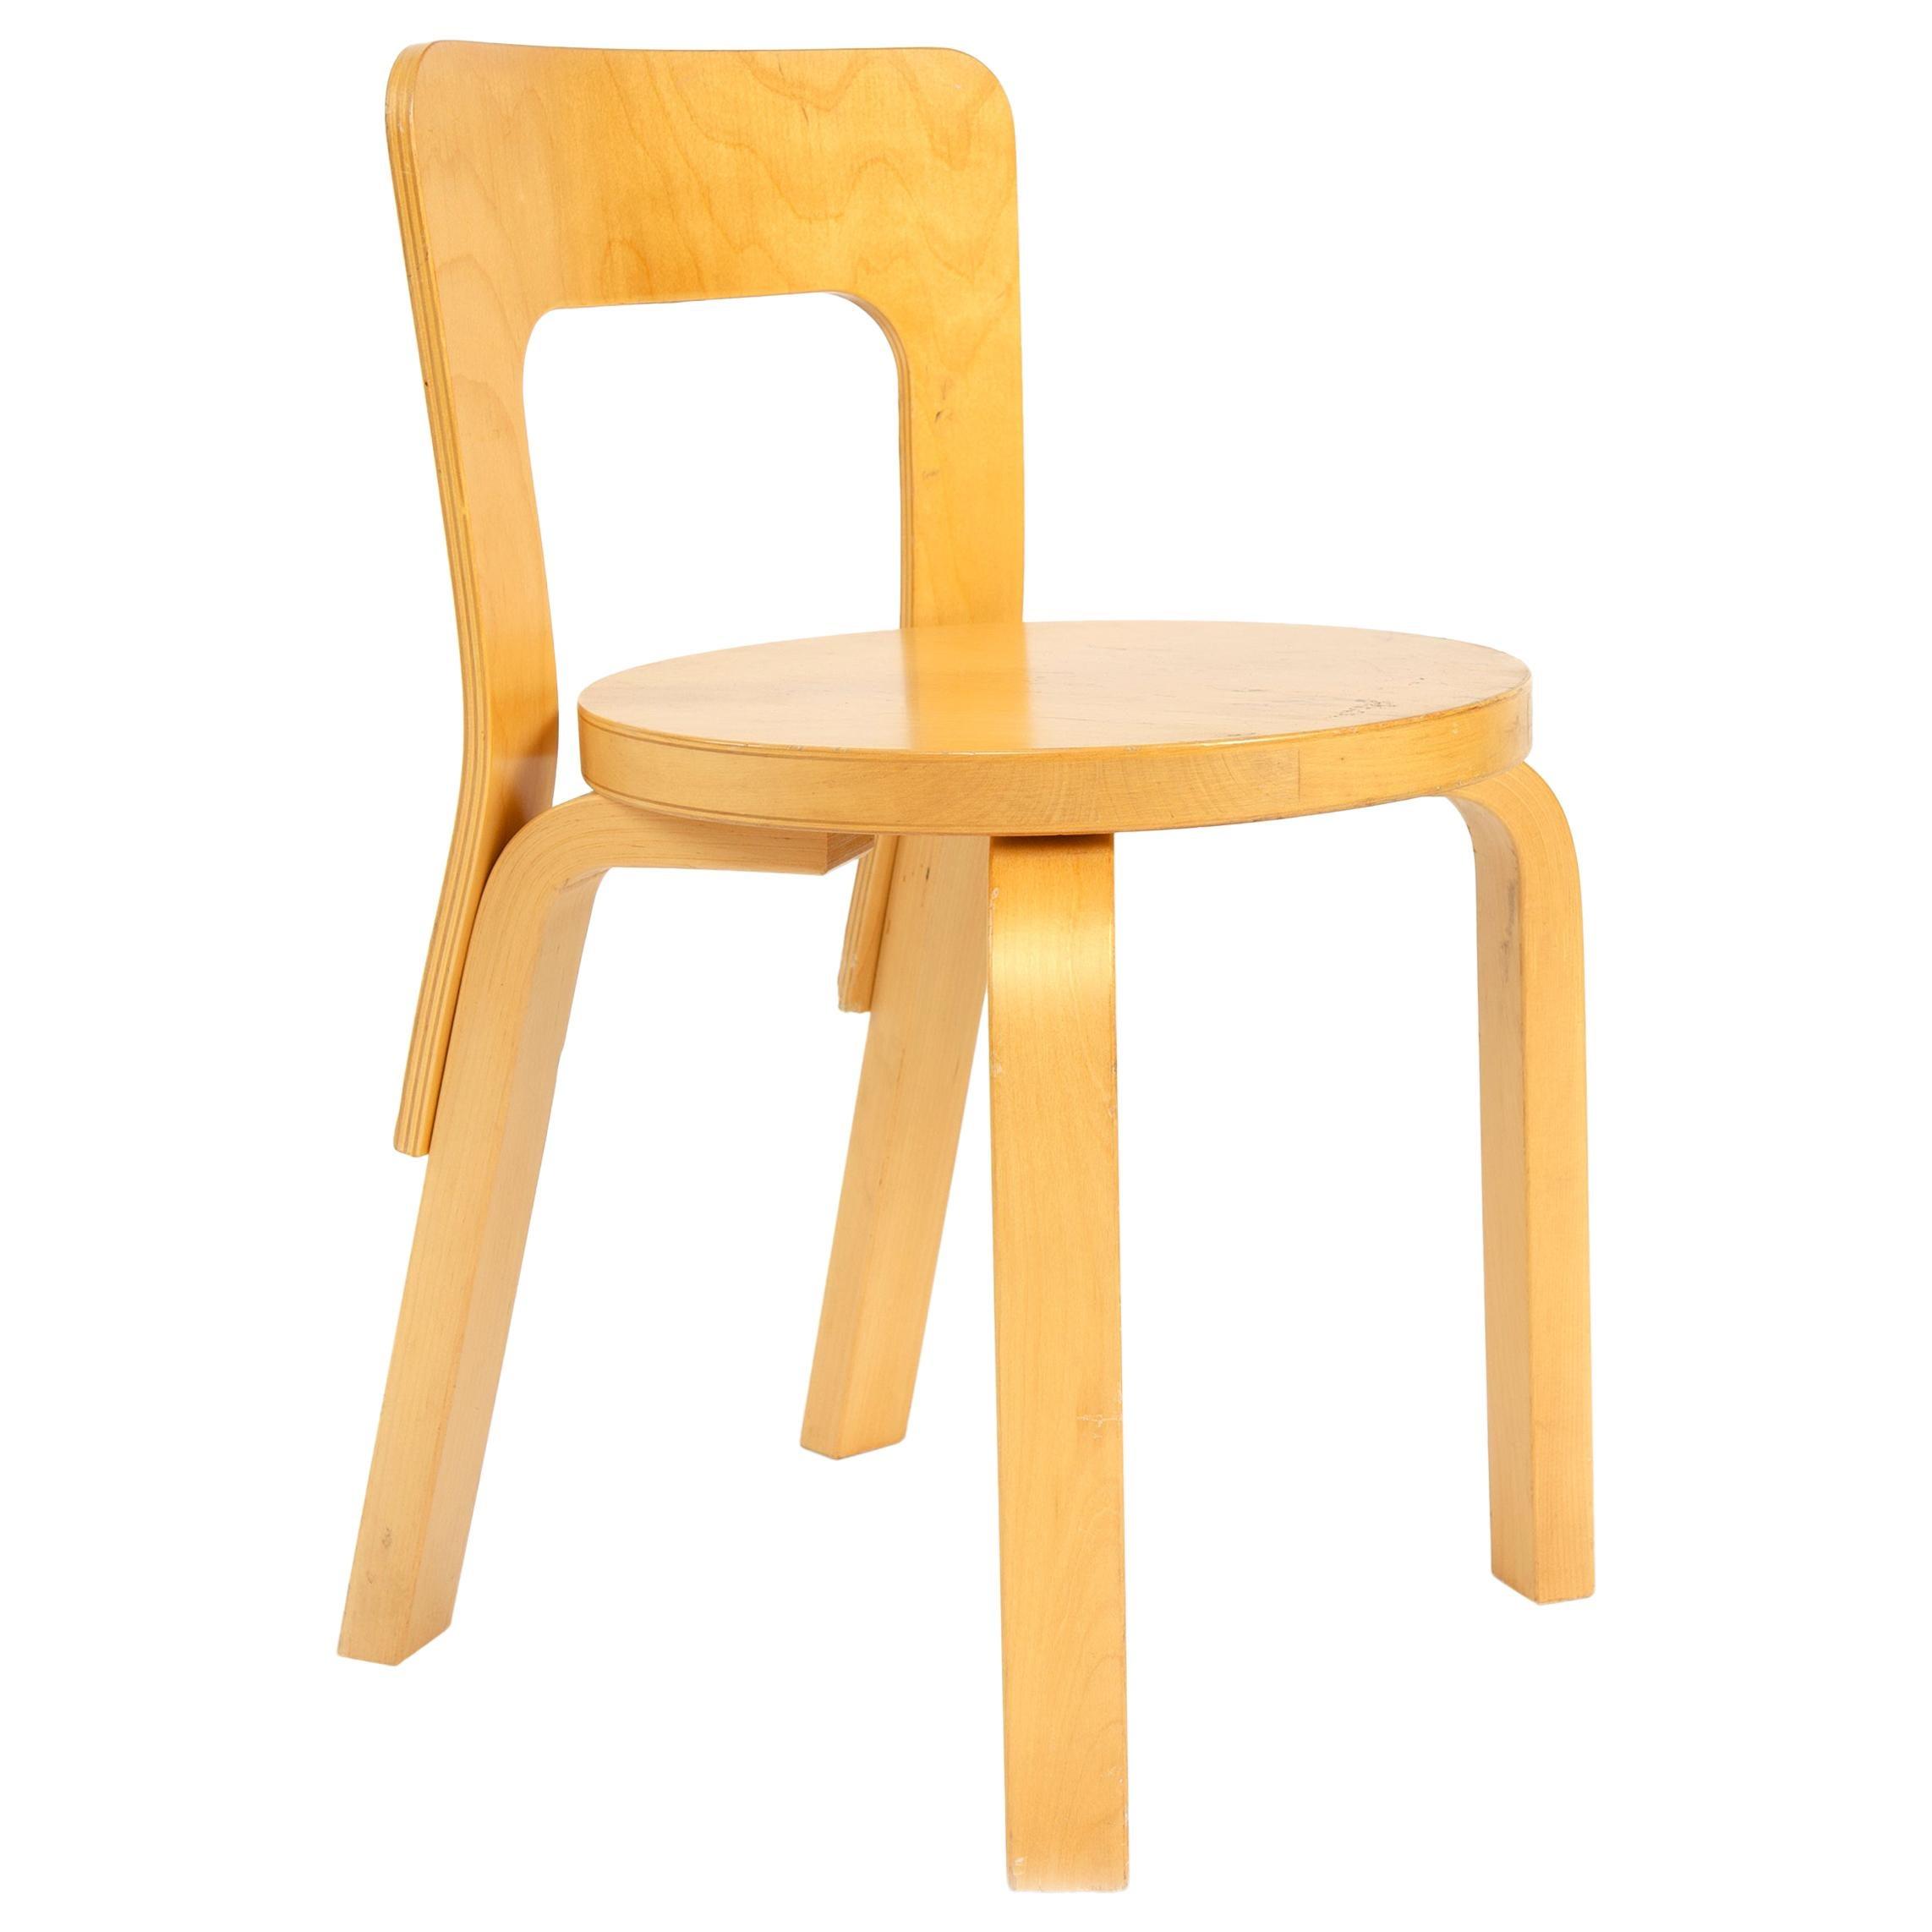 1950s Finnish Side Chair by Alvar Aalto for Artek